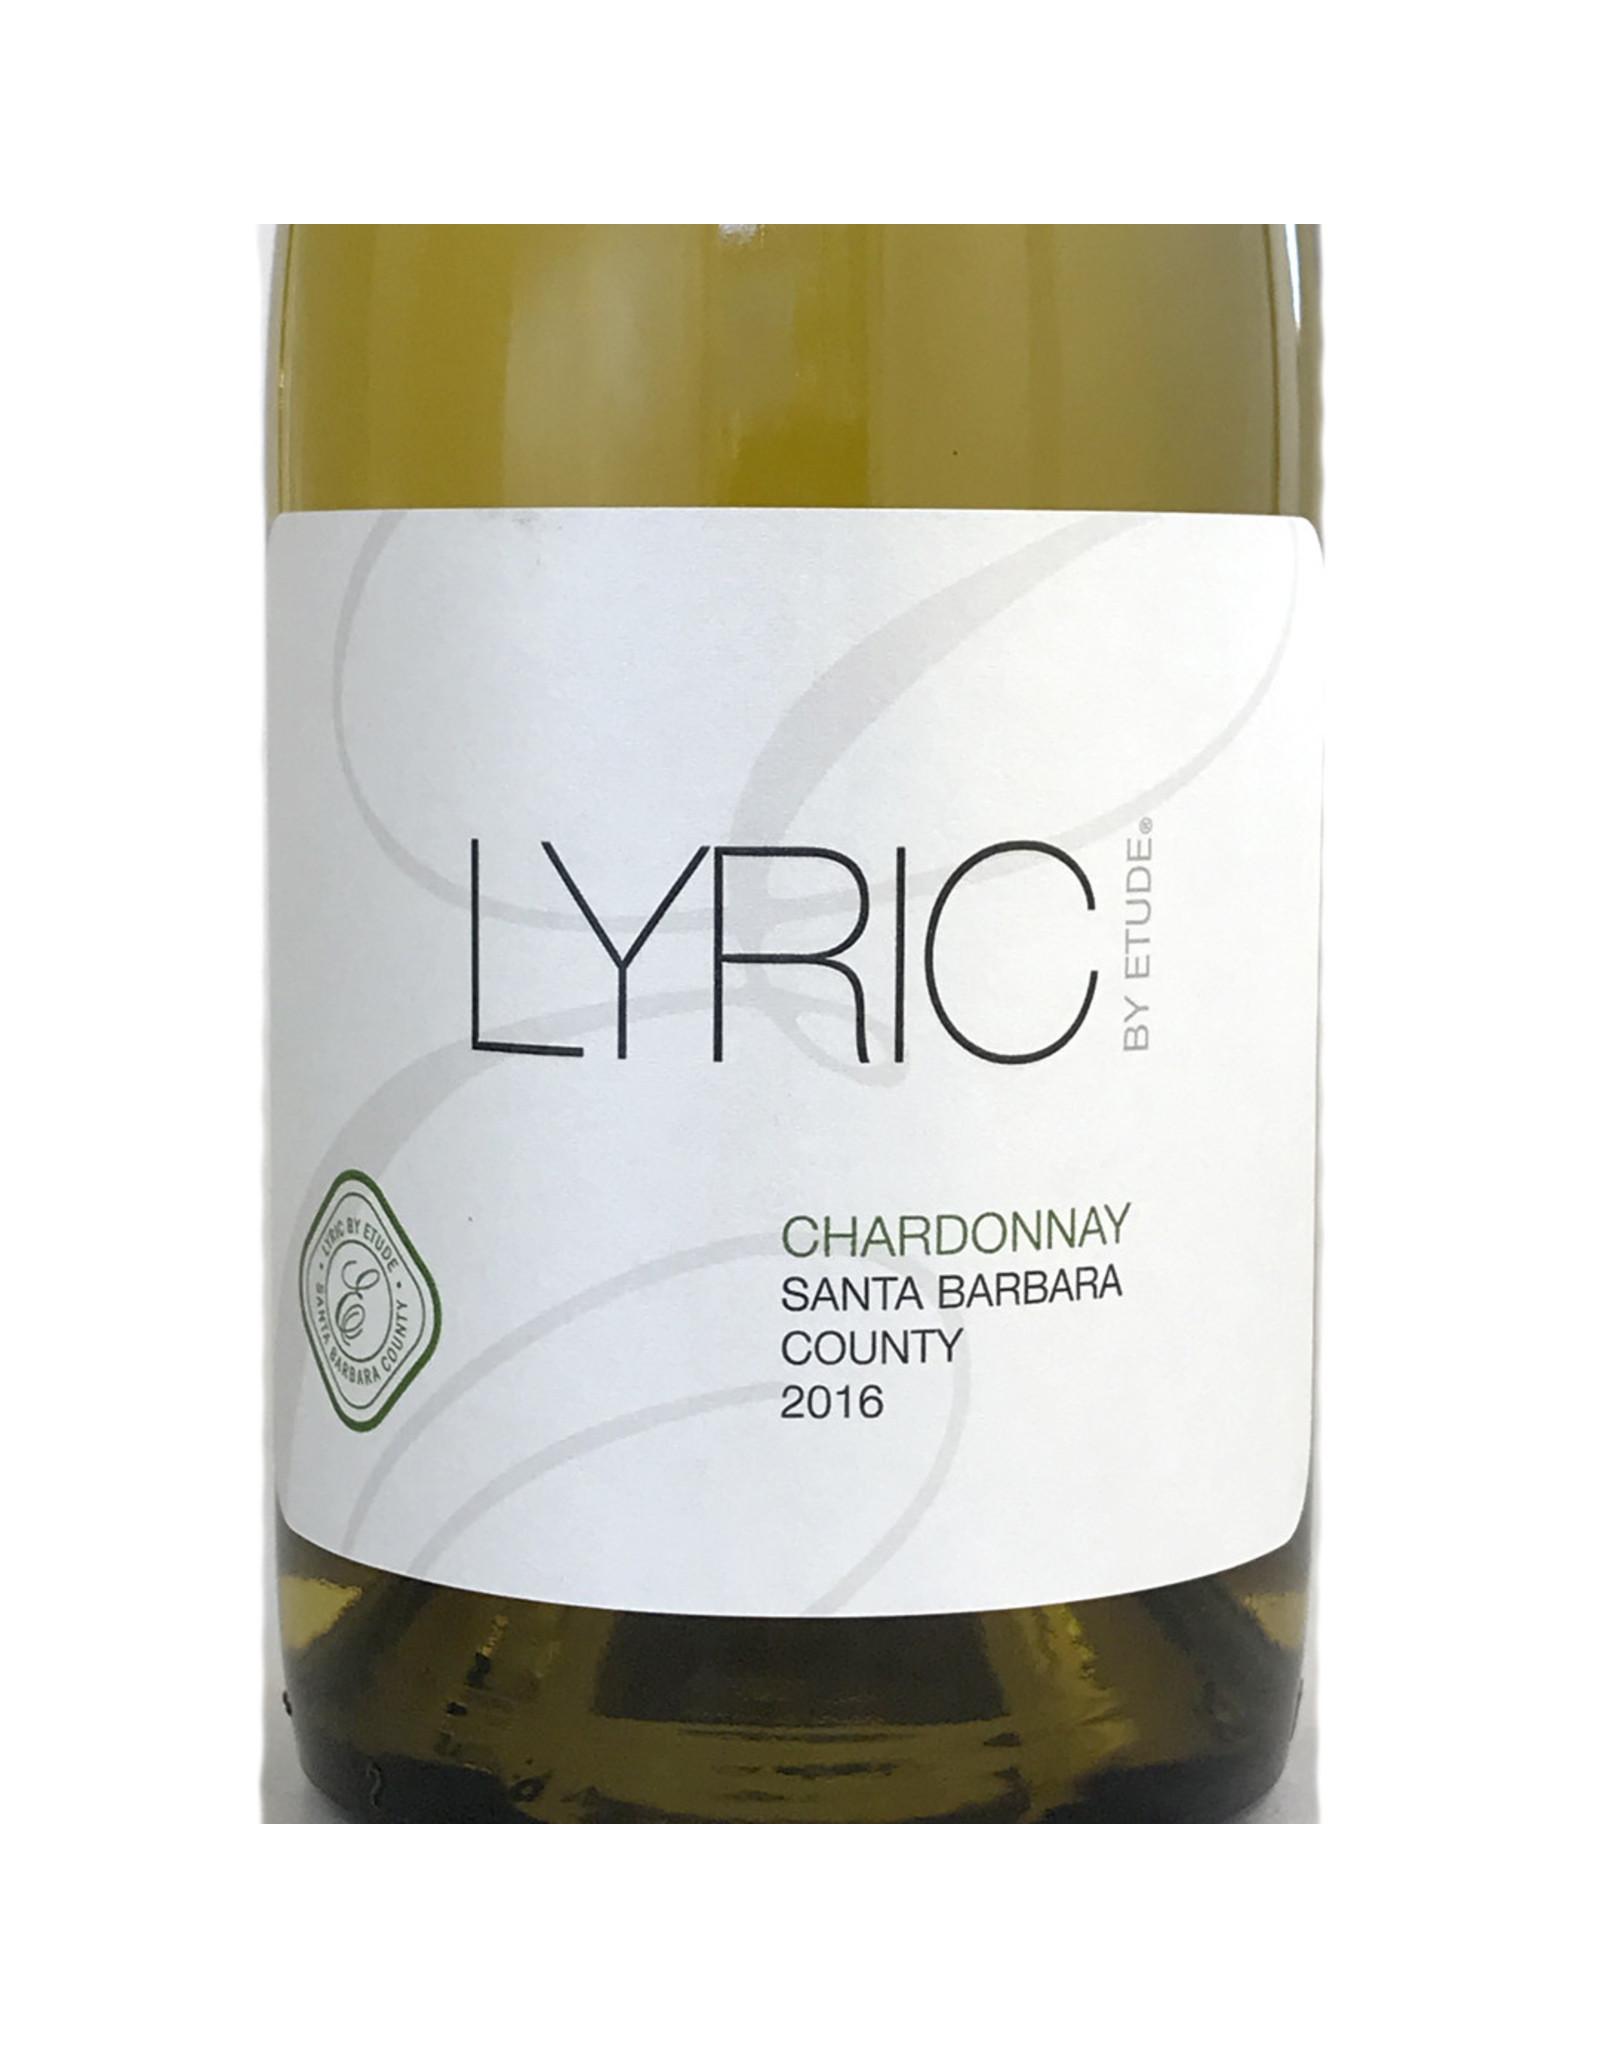 Lyric by ETUDE Chardonnay 2016